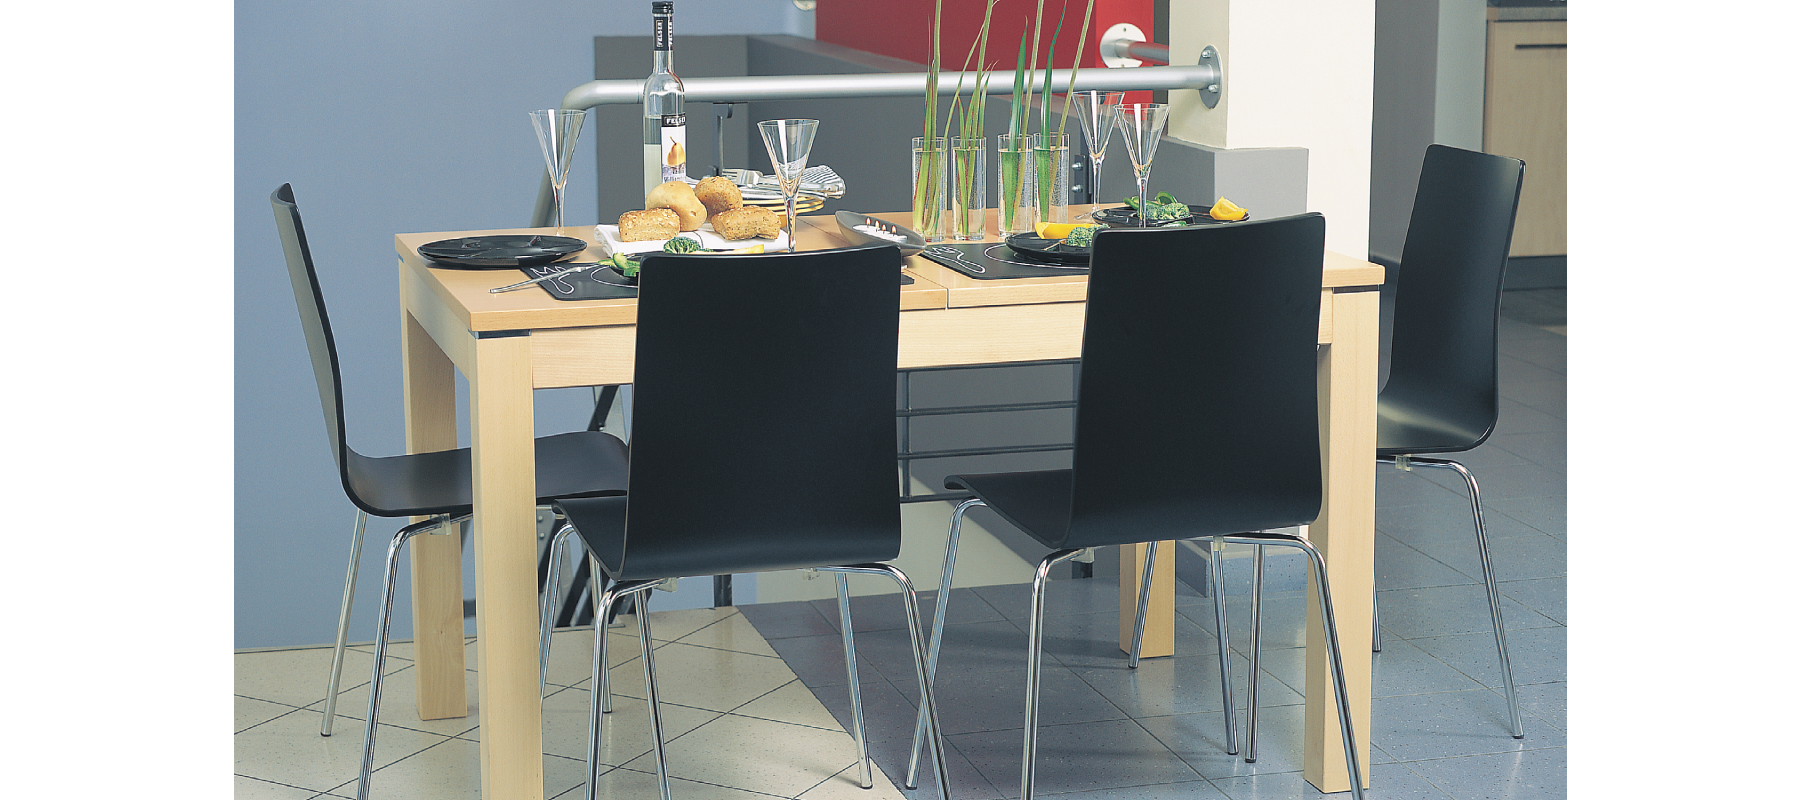 krzesła stacjonarne cafe aranżacje - 13